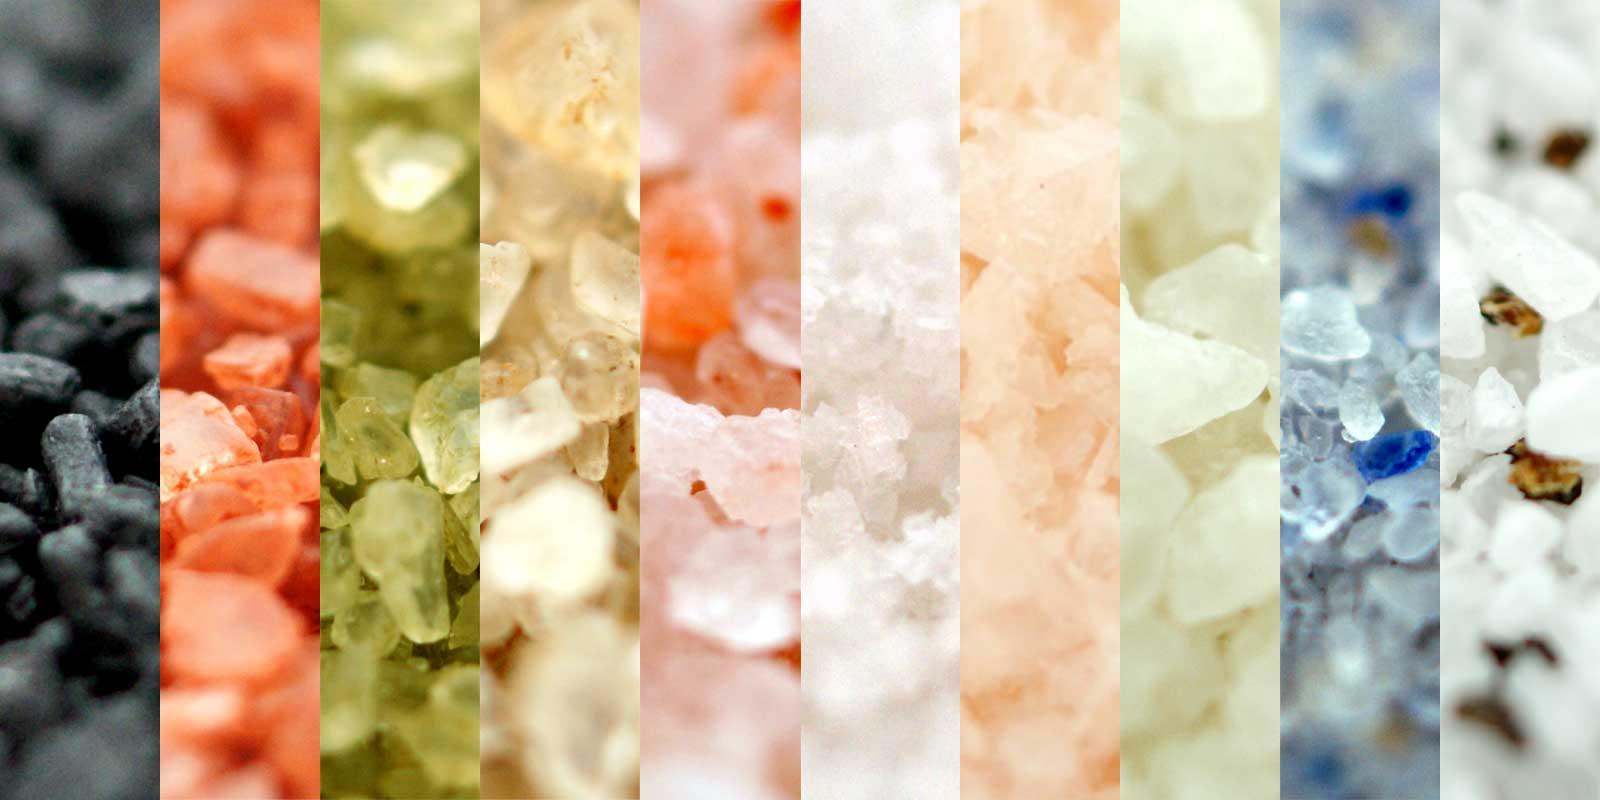 dosen fr mehl zucker salz zucker salz gewrze aus glas. Black Bedroom Furniture Sets. Home Design Ideas